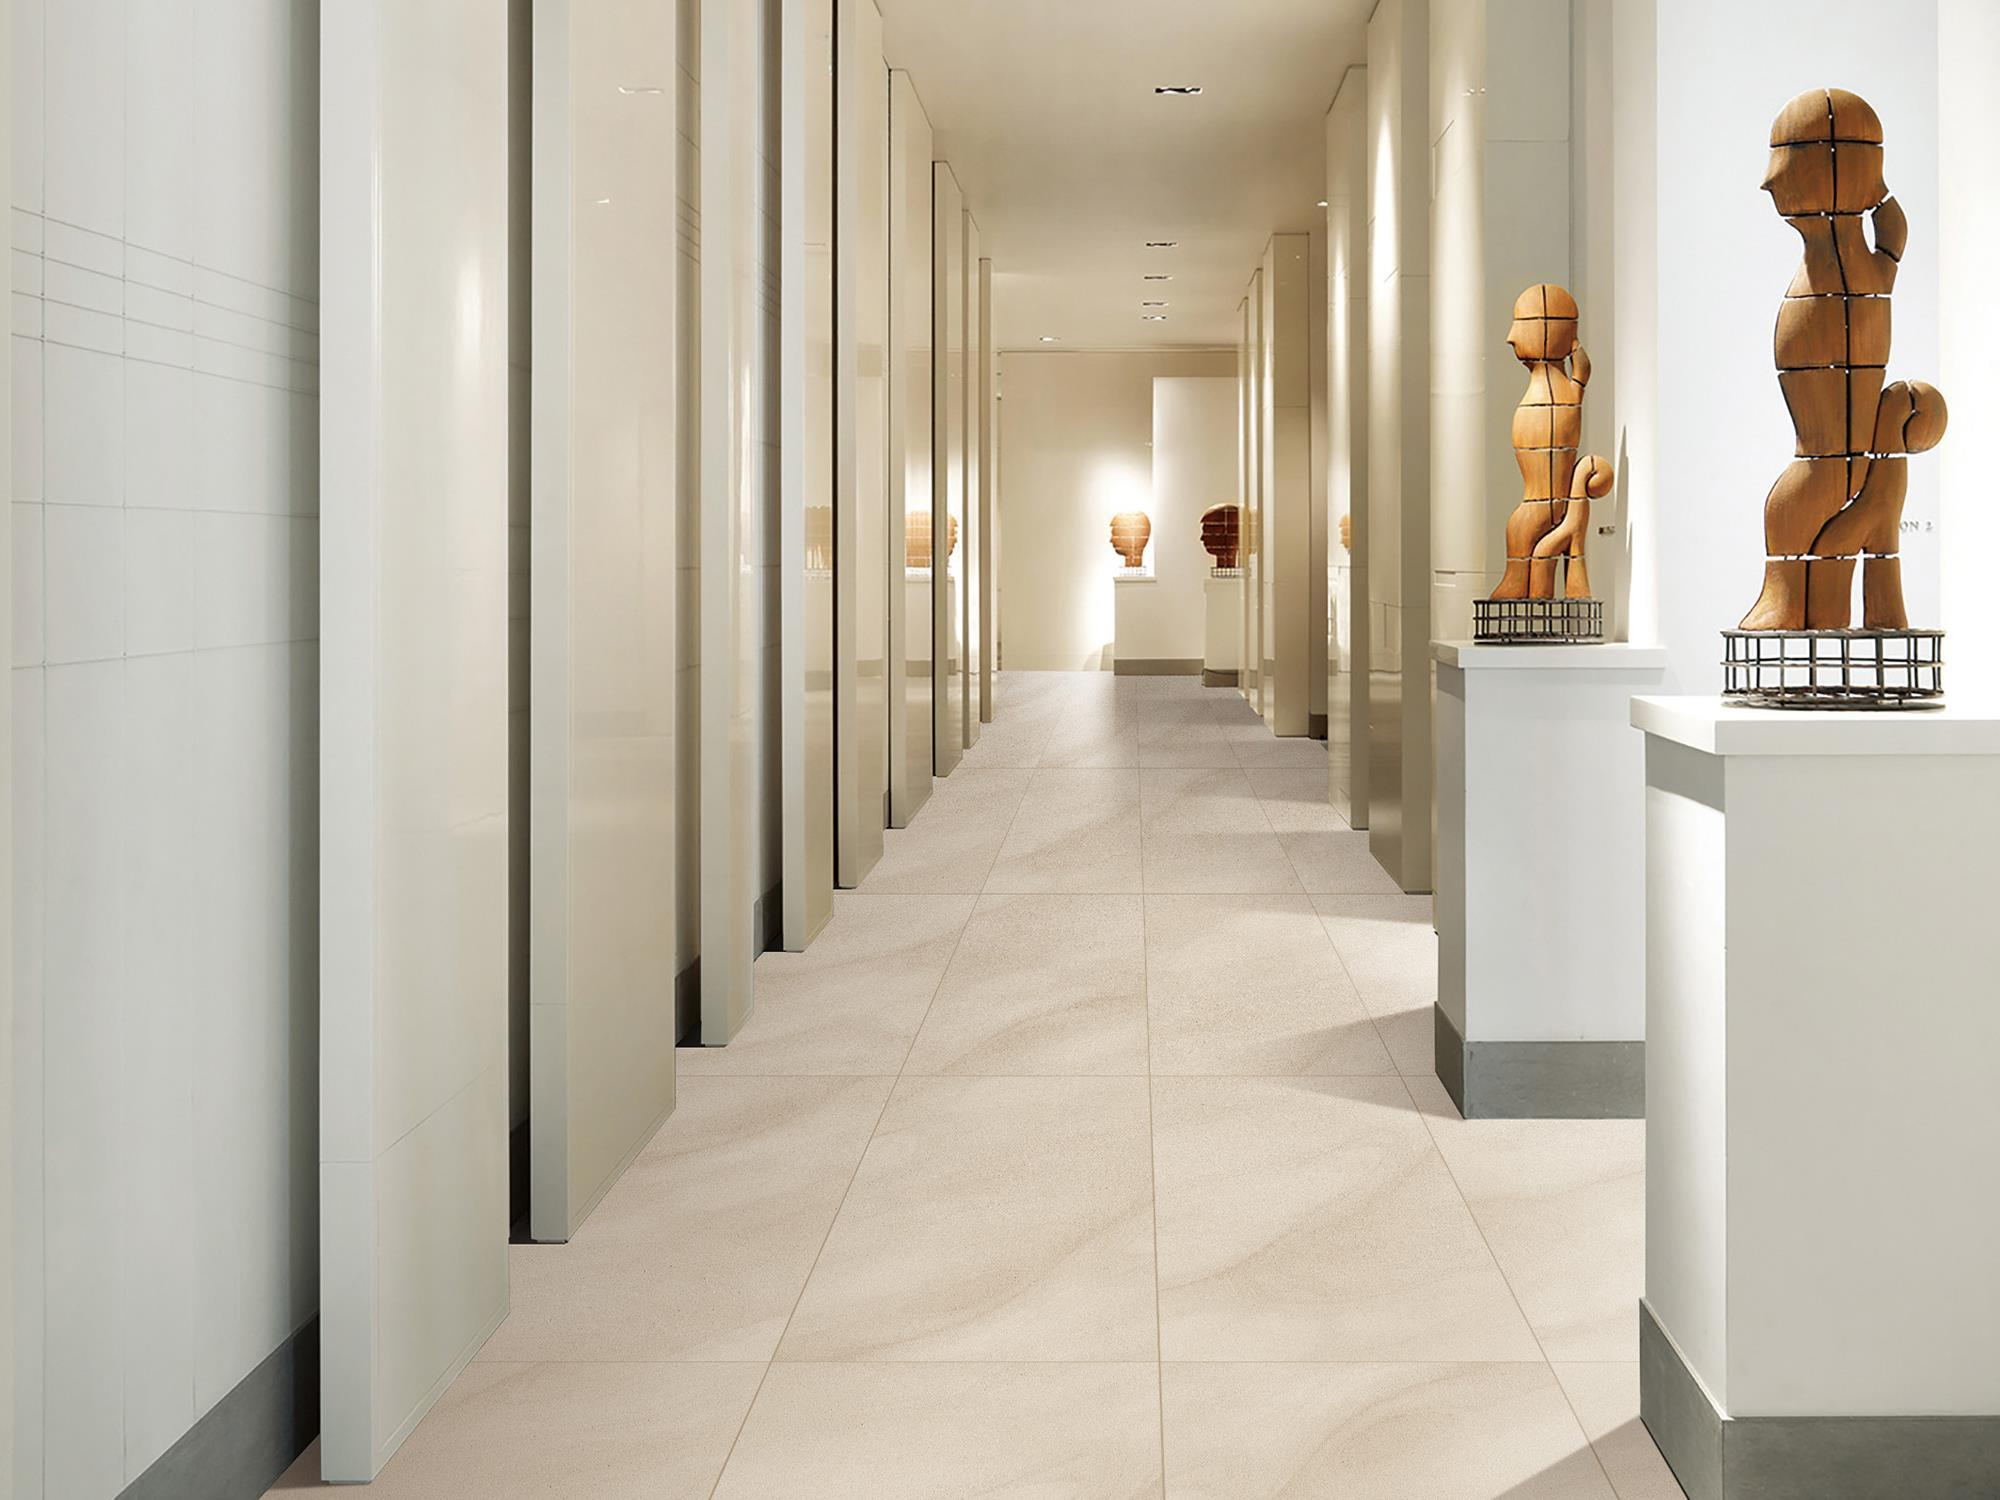 石材幕墙对比瓷砖幕墙,哪个更好?